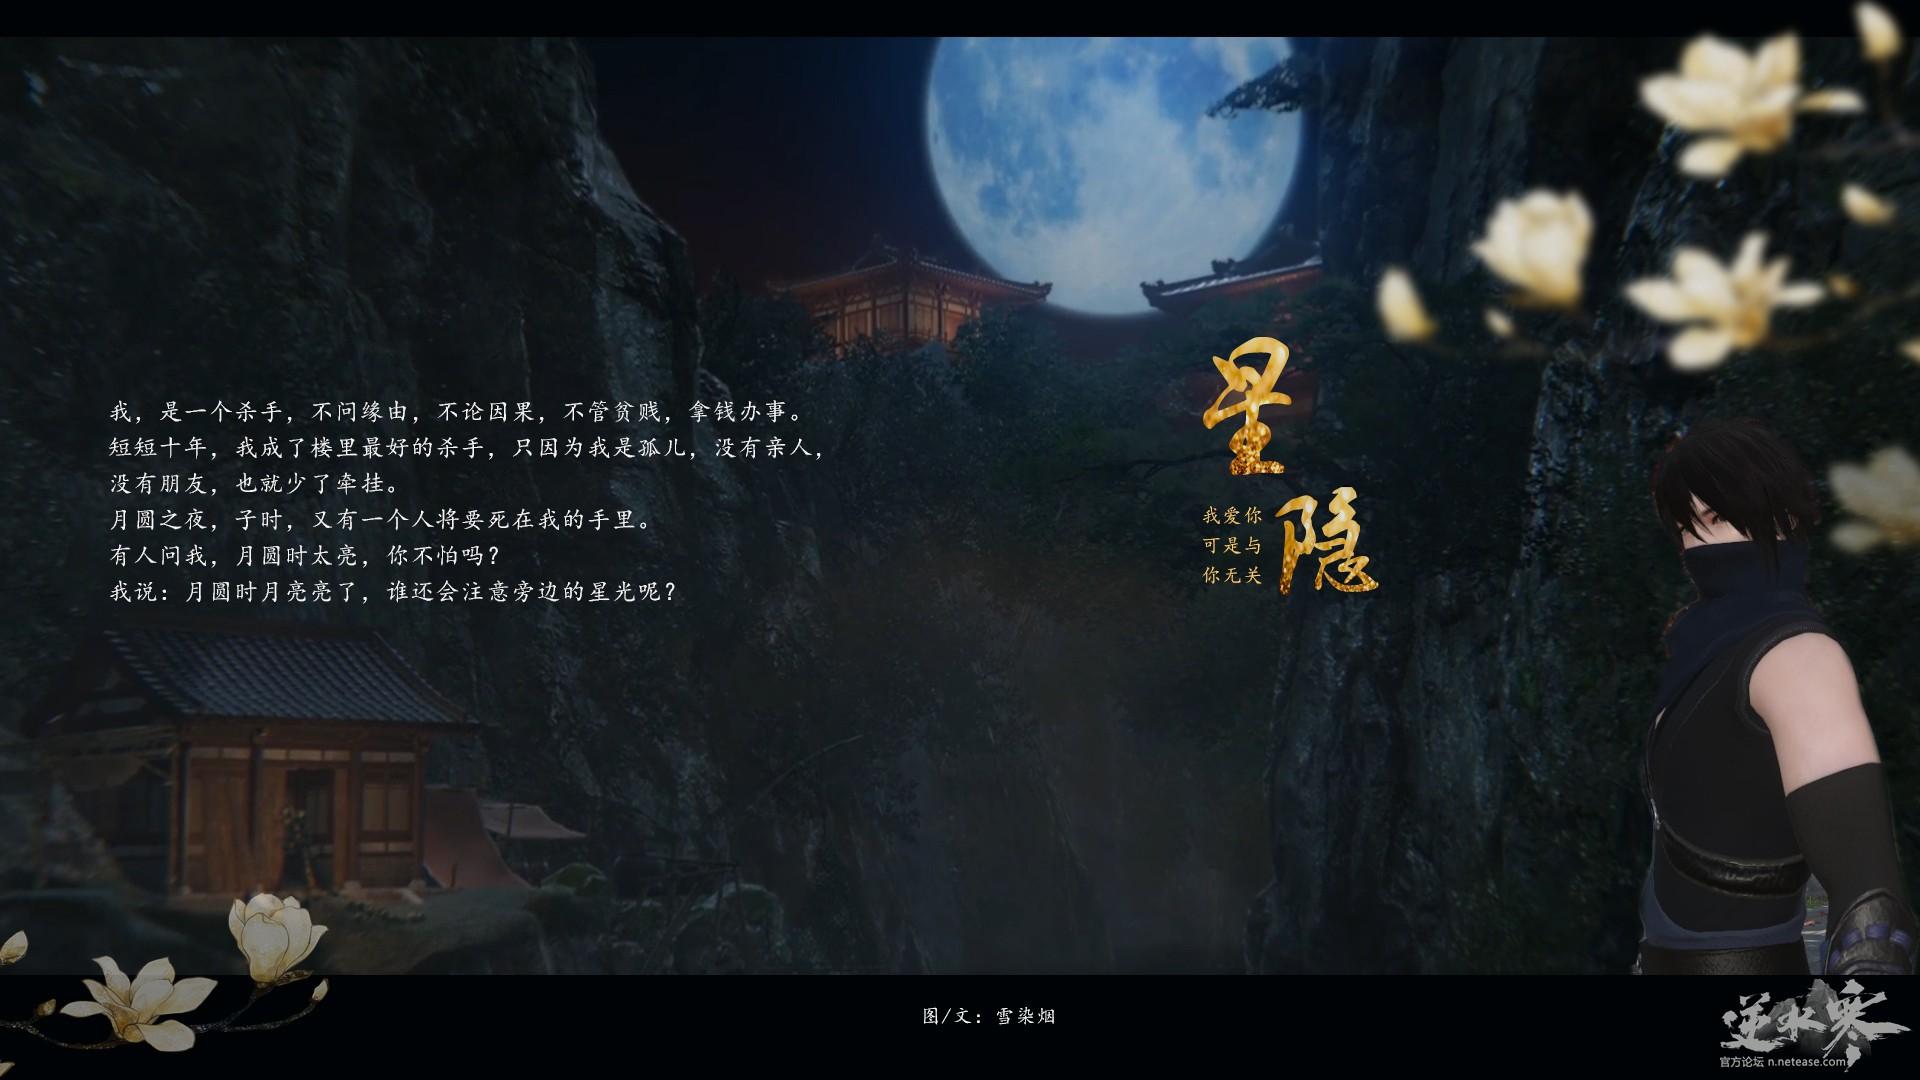 【自在门】图文-星隐(情不知所起,一往而深)